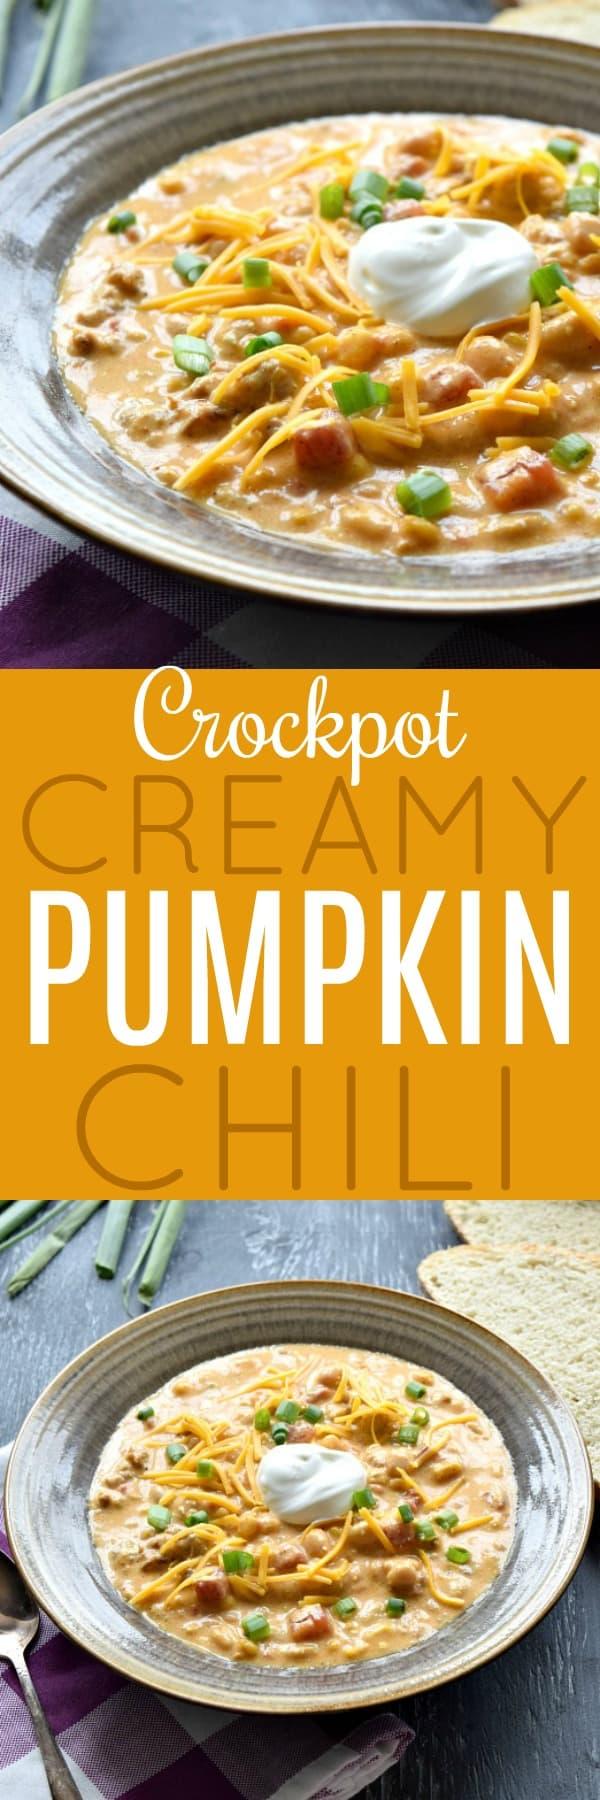 Creamy Pumpkin Chili